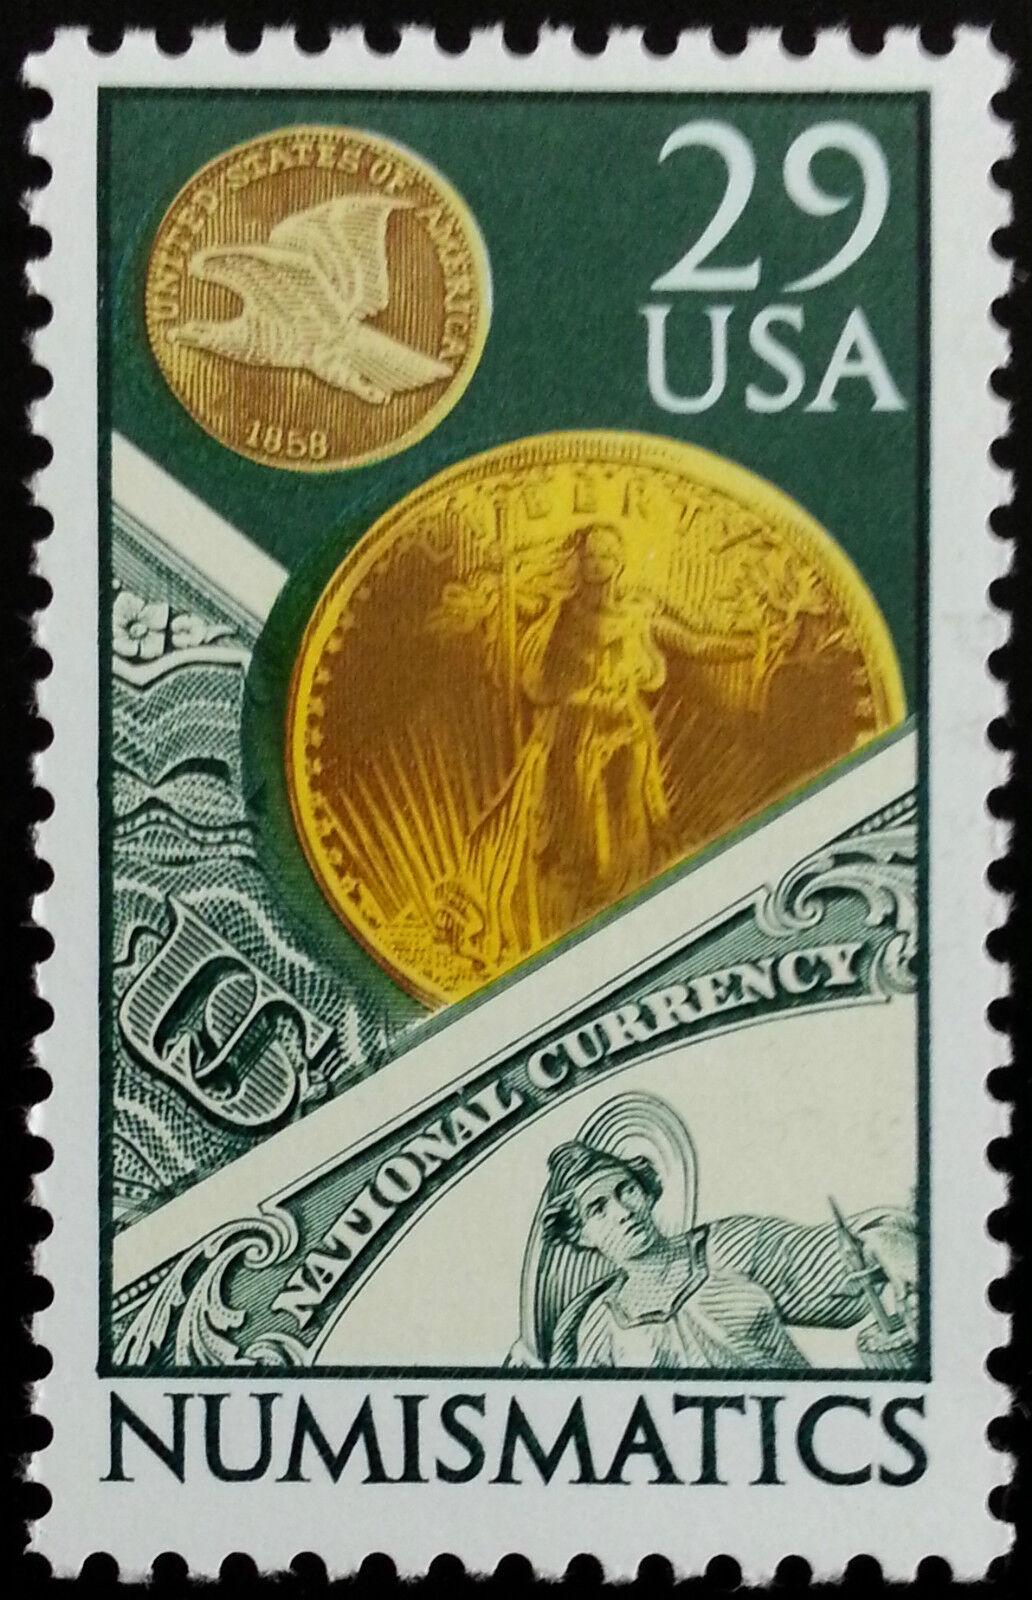 1991 29c Numismatics, Coins & Currency Scott 2558 Mint